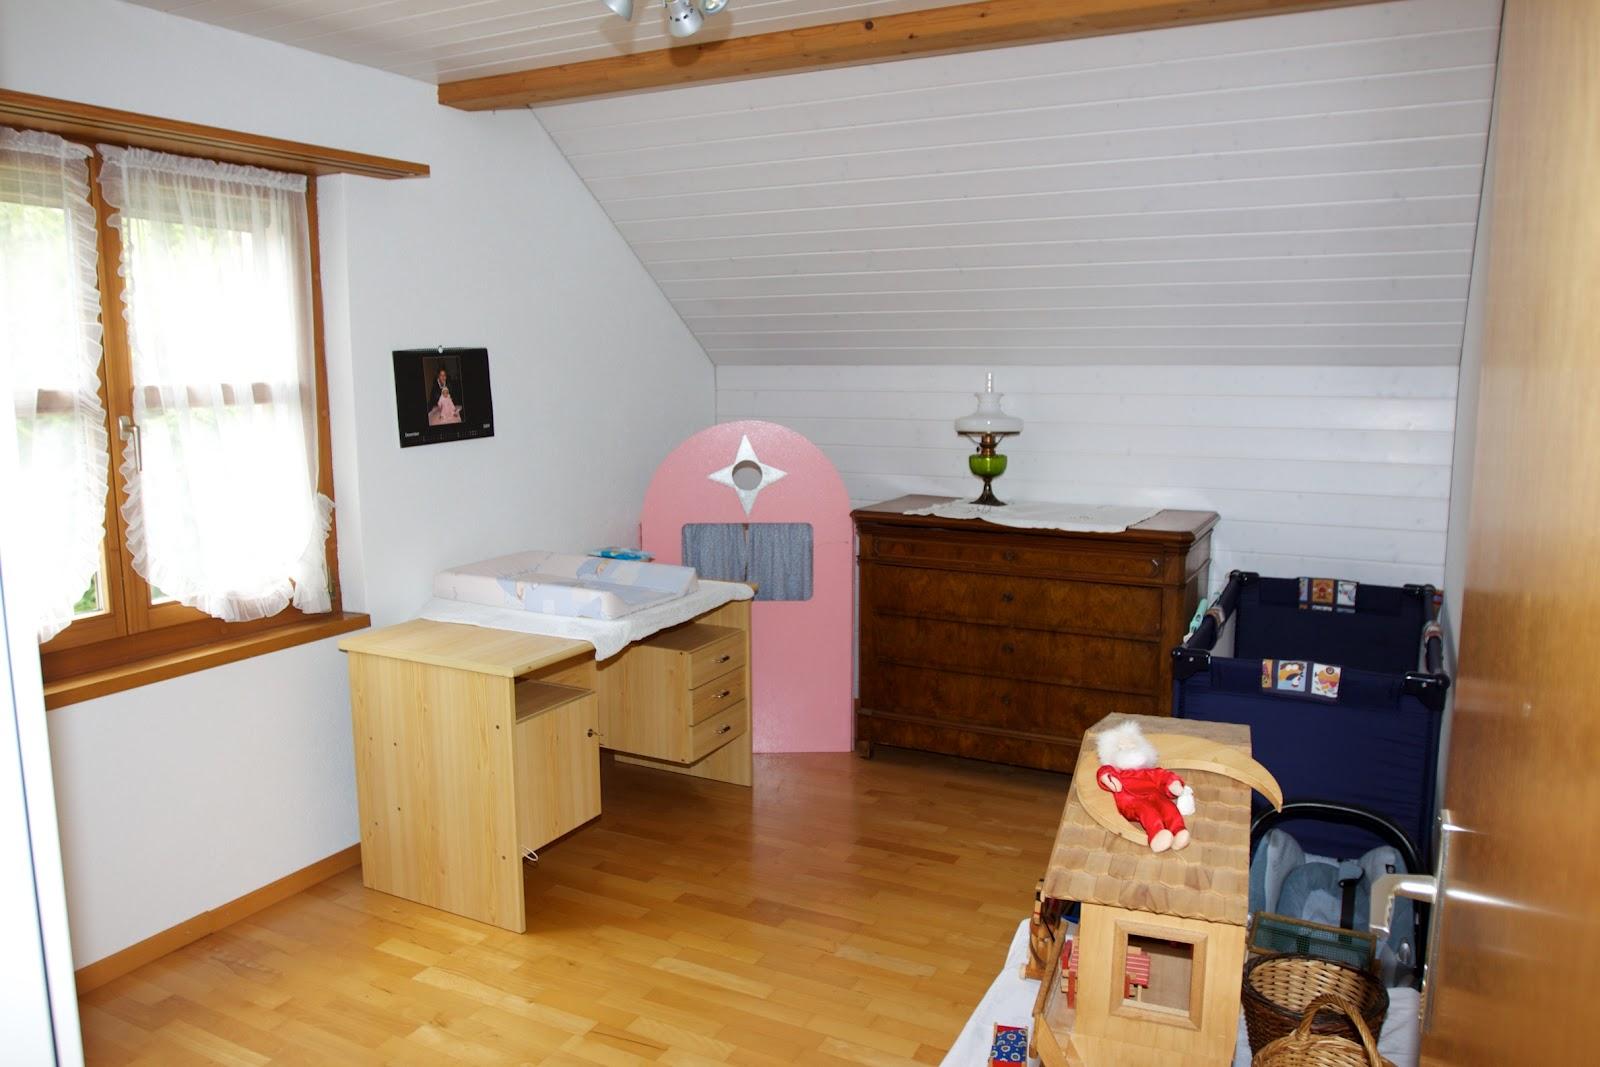 Matthias oldani 39 s immobilien blog juni 2012 for Wohn und esszimmer 30m2